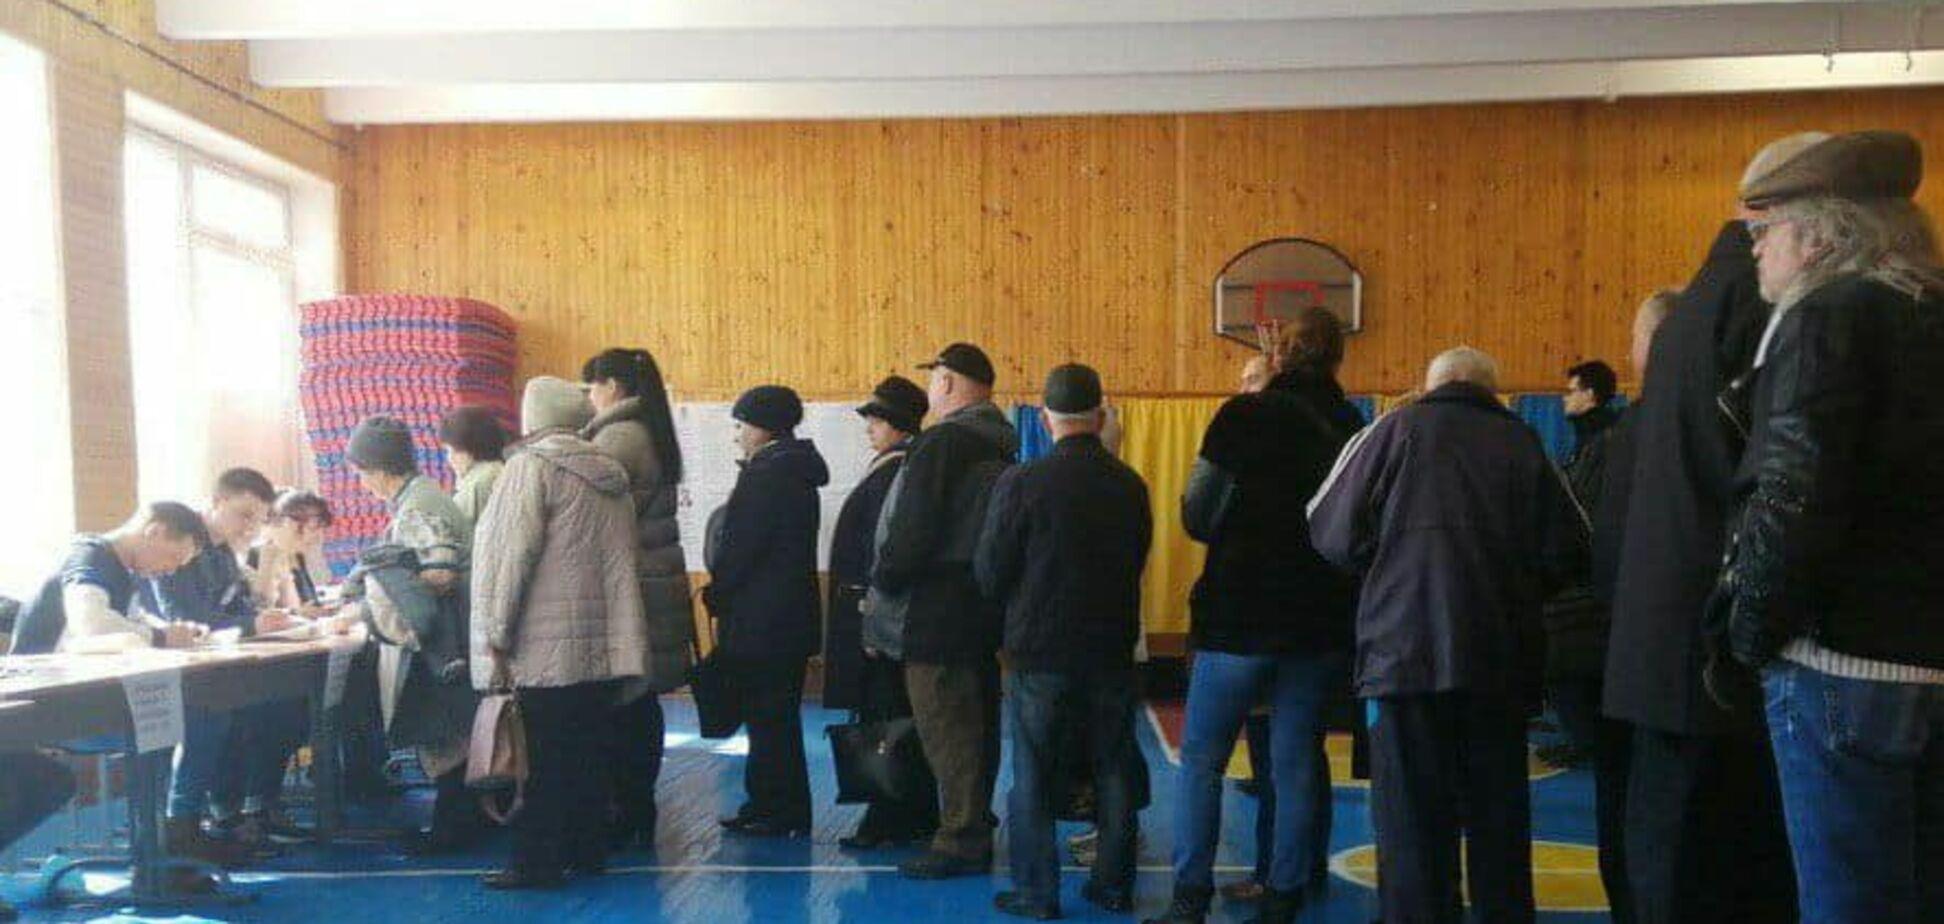 Из-за высокой явки на выборах на избирательных участках образовались огромные очереди